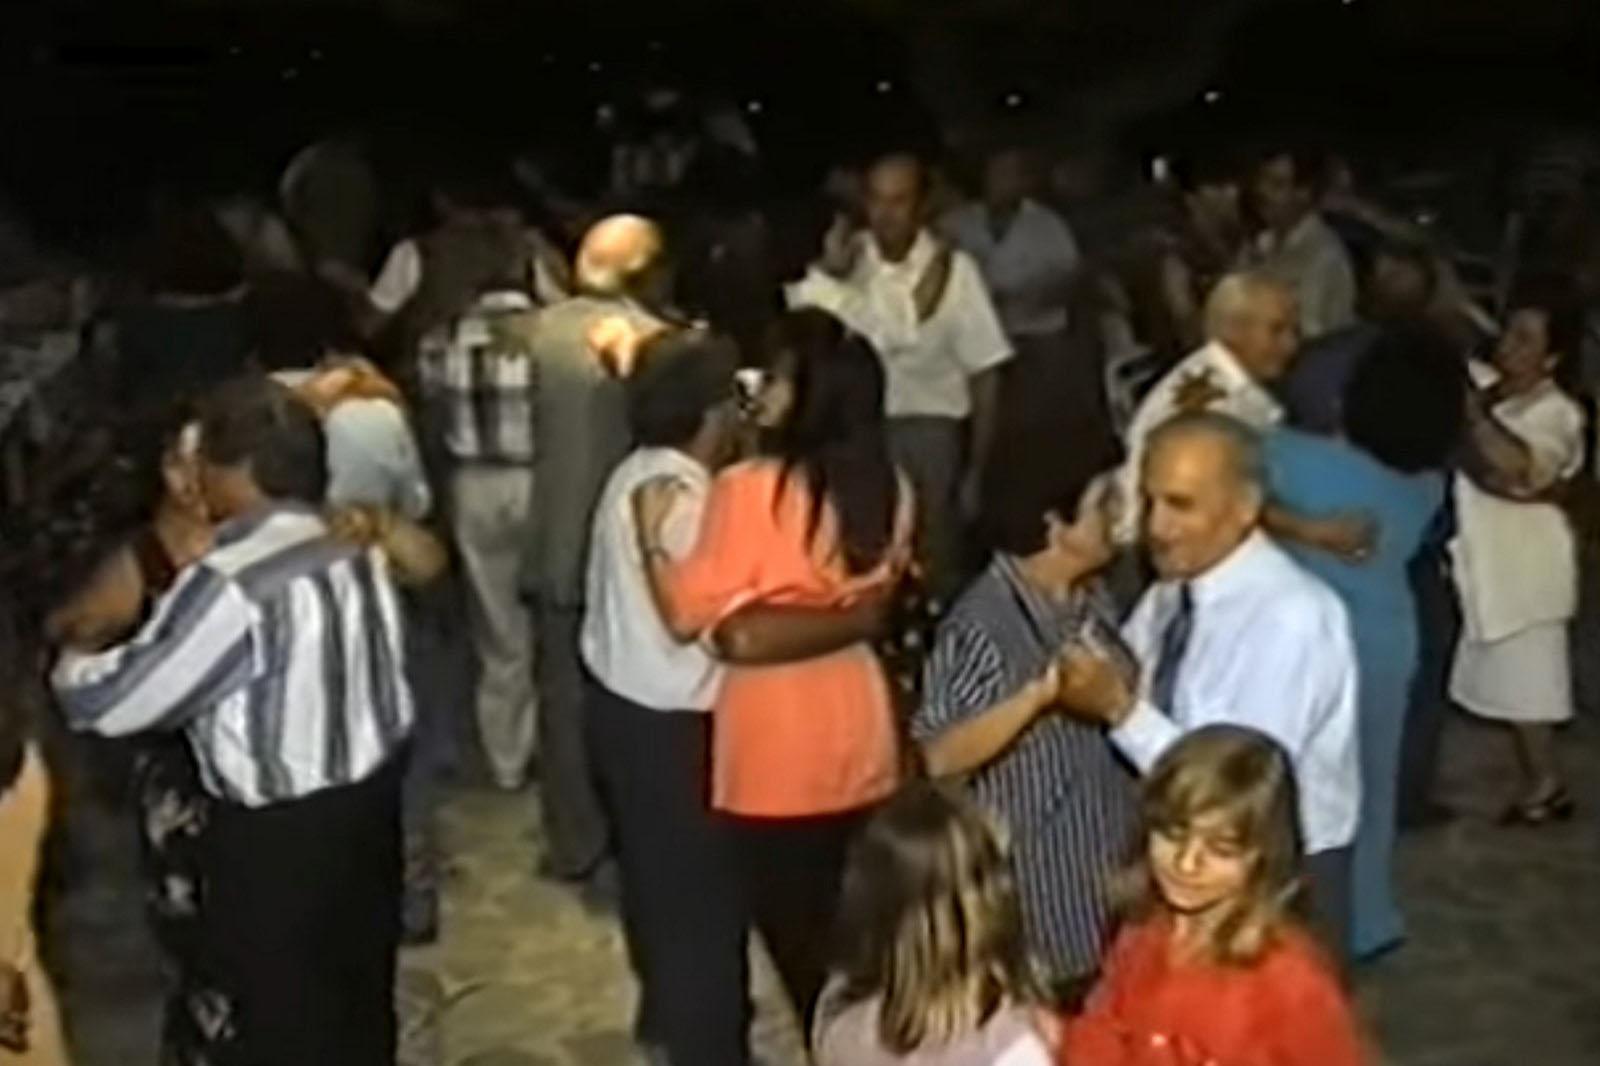 ΠΑΝΗΓΥΡΙ ΑΝΑΦΩΝΗΤΡΙΑΣ 1997